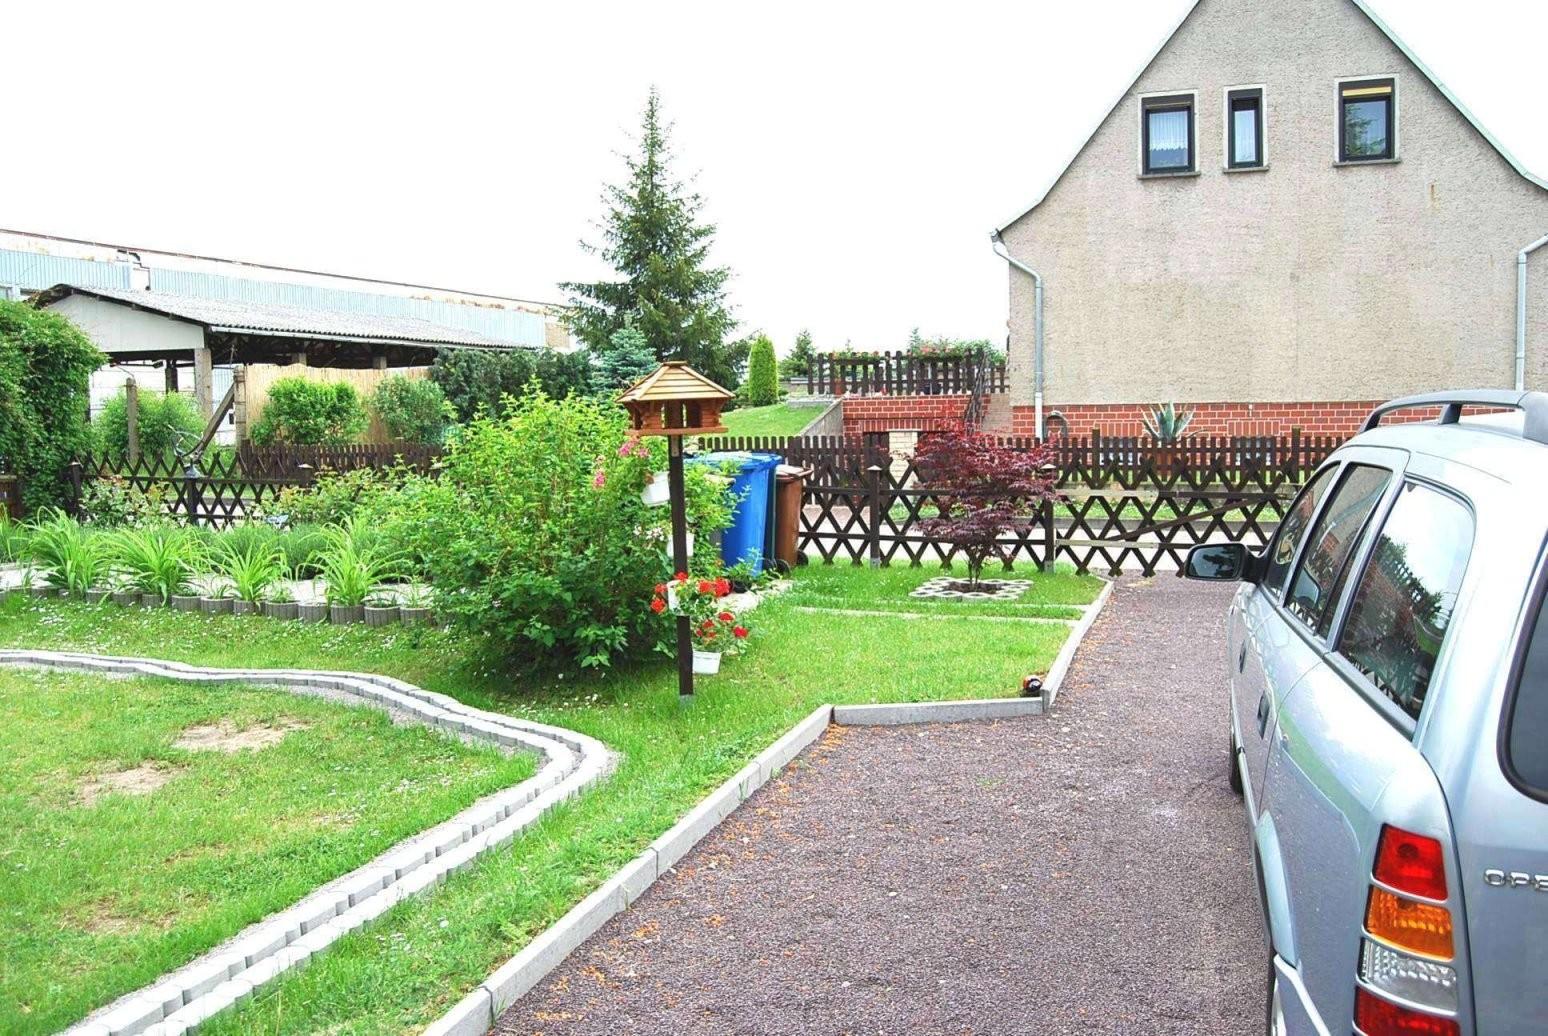 Garten Einrichten Elegant Terrasse Gestalten Hang Designideen Von von Wie Gestalte Ich Meine Terrasse Bild